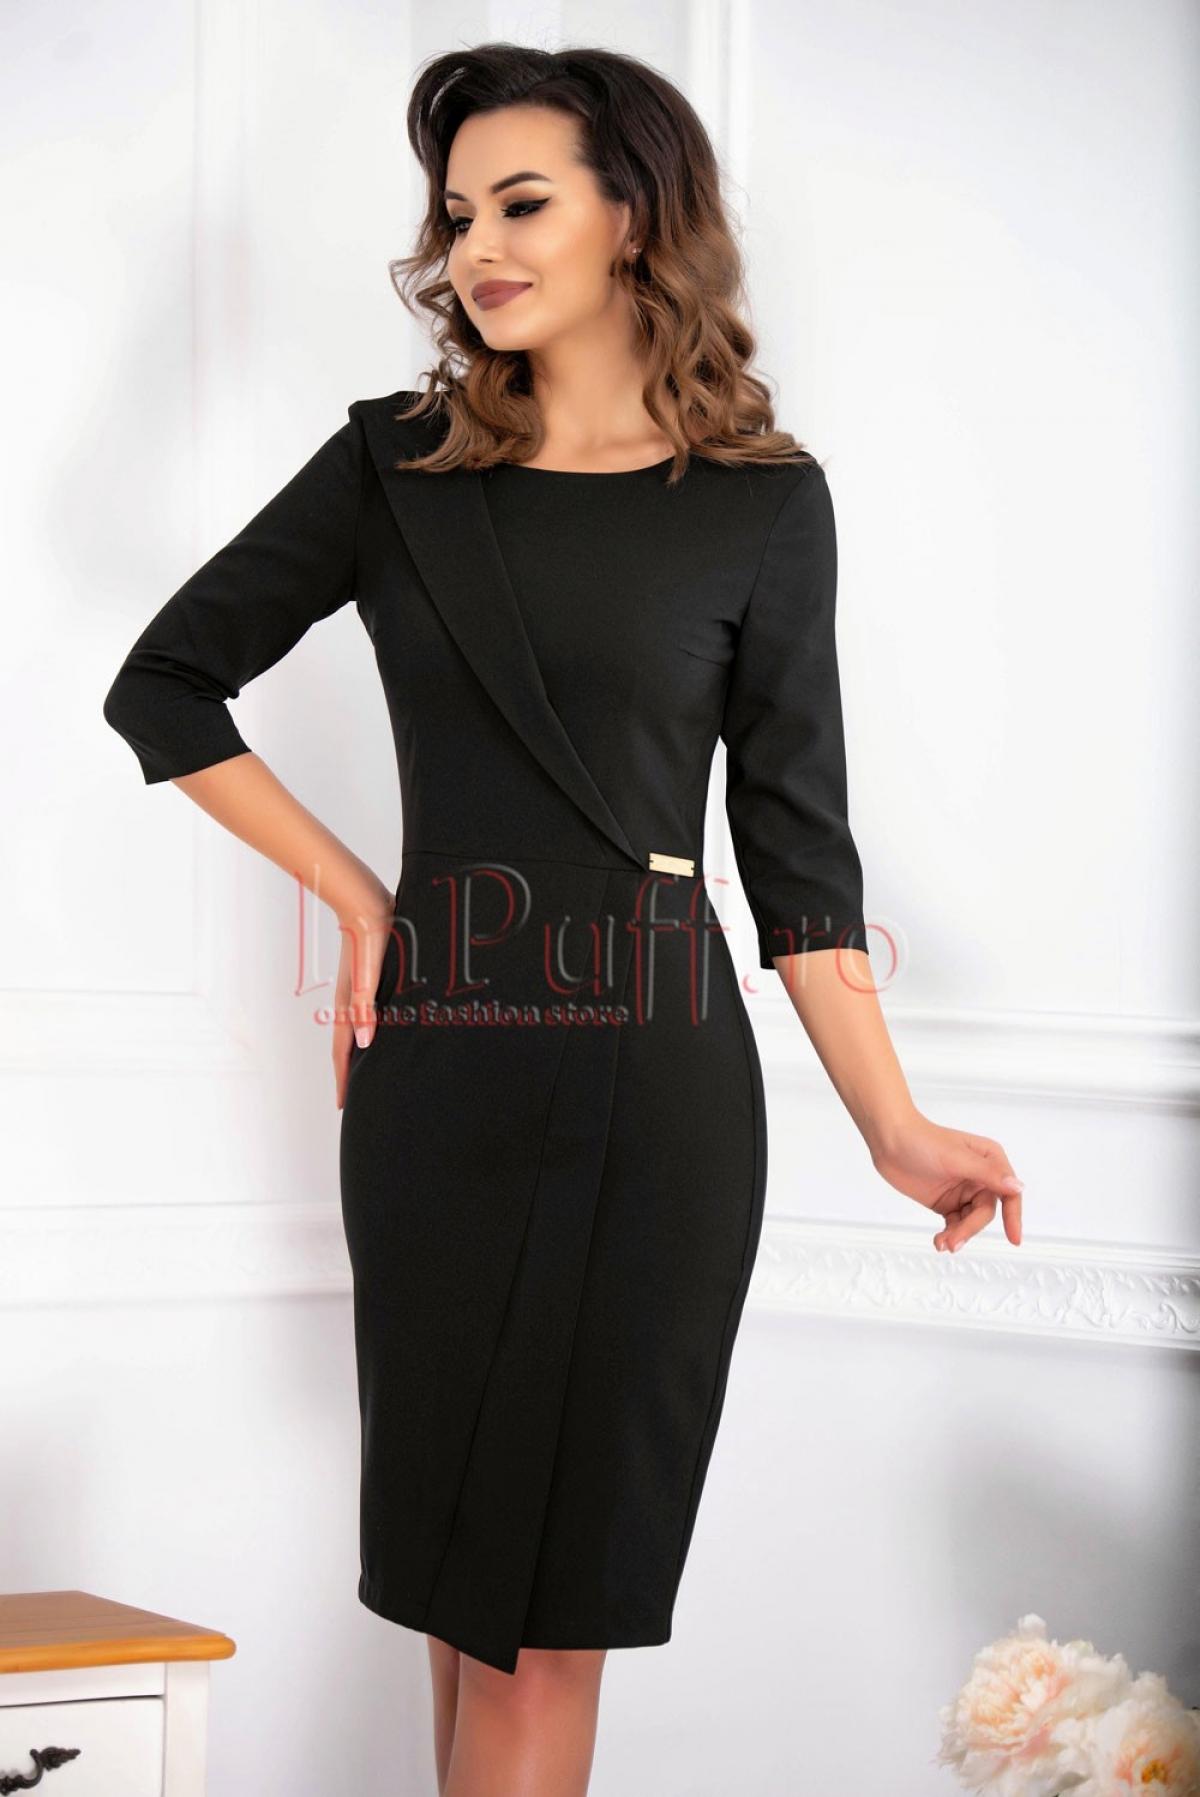 Rochie din stofa conica cu maneca trei sferturi  de culoare neagra